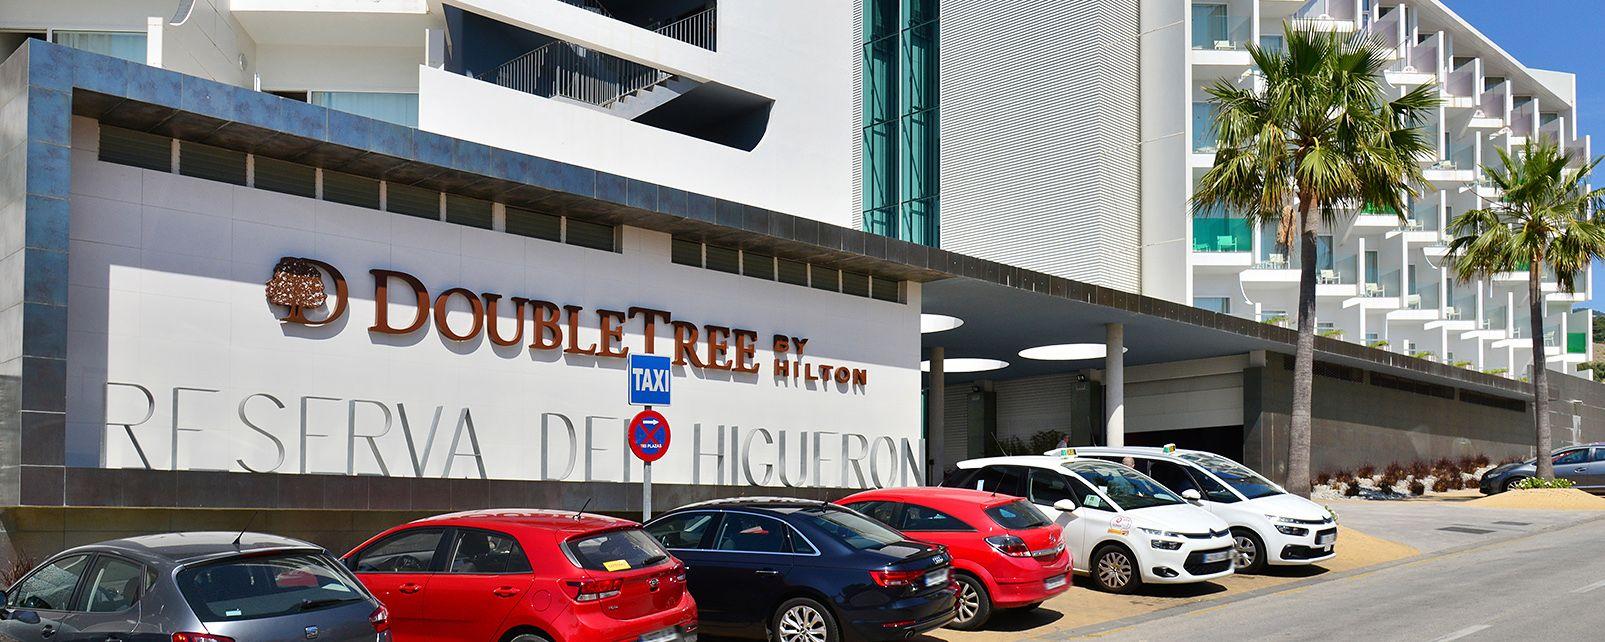 Hôtel DoubleTree by Hilton Hotel Resort Spa Reserva del Higueron